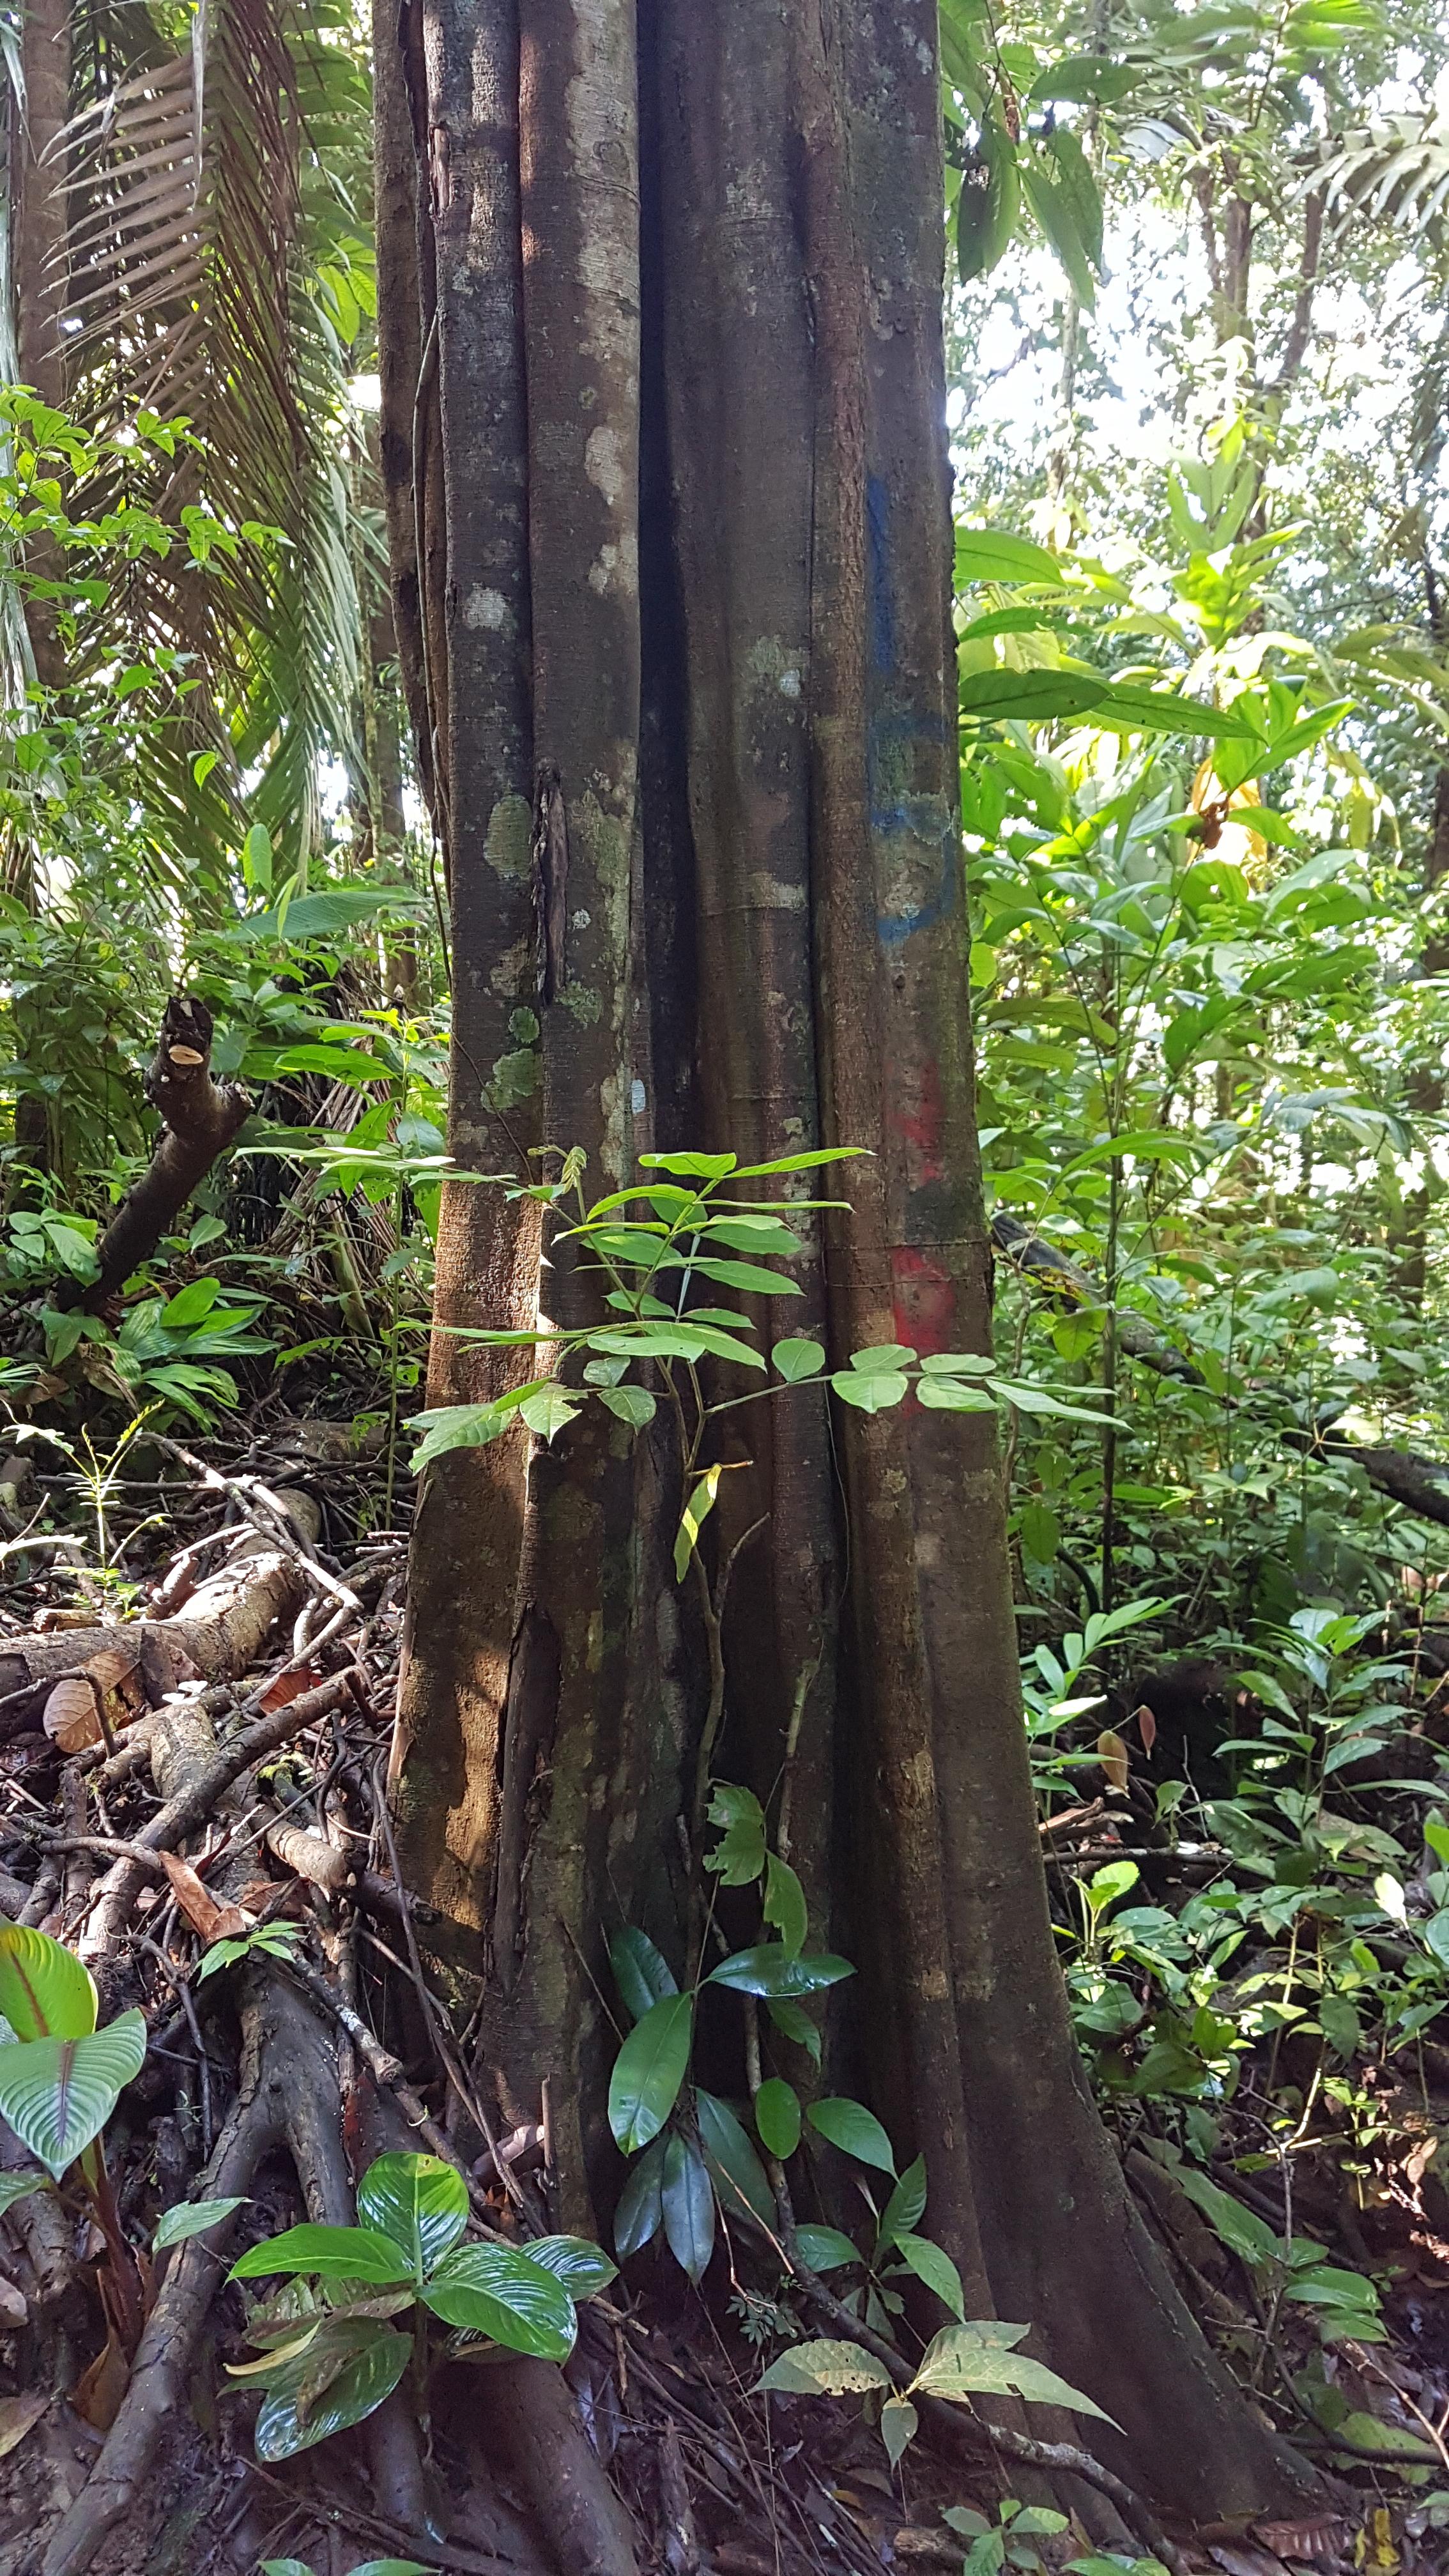 Specimen: Lecointea amazonica